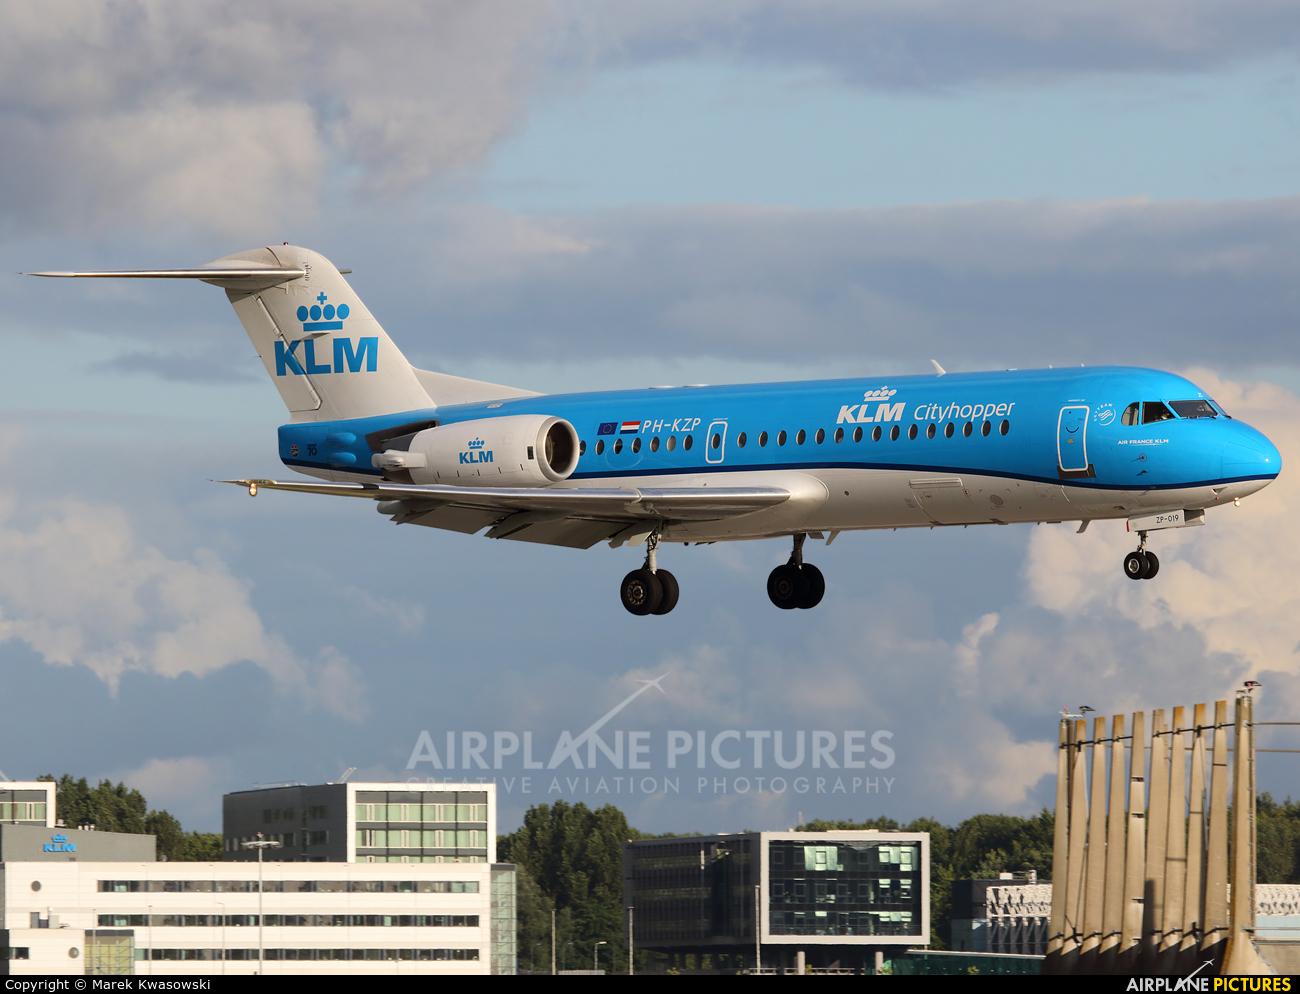 KLM Cityhopper PH-KZP aircraft at Amsterdam - Schiphol